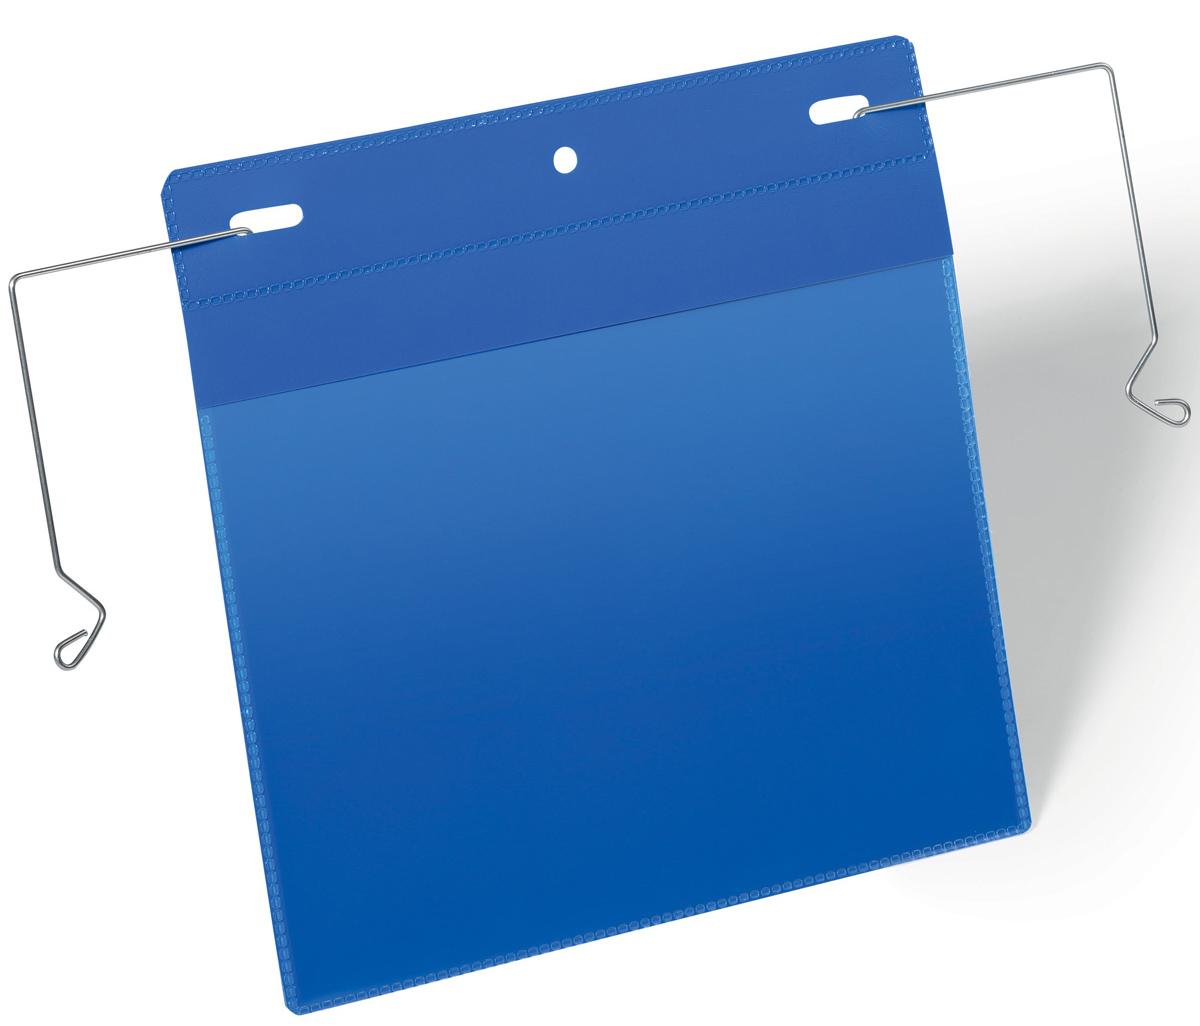 Durable Карман горизонтальный с фиксатором цвет синий1752-07Карман Durable пердназначен для маркировки транспортных контейнеров, складских коробов, емкостей в металлической или деревянной обрешетке. Гальванизированная эластичная проволока для быстрой и надежной фиксации кармана. Благодаря специальному клапану, защищающему вкладыш от осадков и пыли, может использоваться на улице. Синяя подложка и прозрачное окошко выполнены из износостойкого полипропилена. Не бликует, что удобно для сканирования, не вынимая документ. Быстрая и удобная замена вкладыша.Внутренние размеры: A5 горизонтальный.Внешние размеры: 22,3 x 21,8 см.Внешние размеры с механизмом фиксации: 32,9 х 22,6 см.